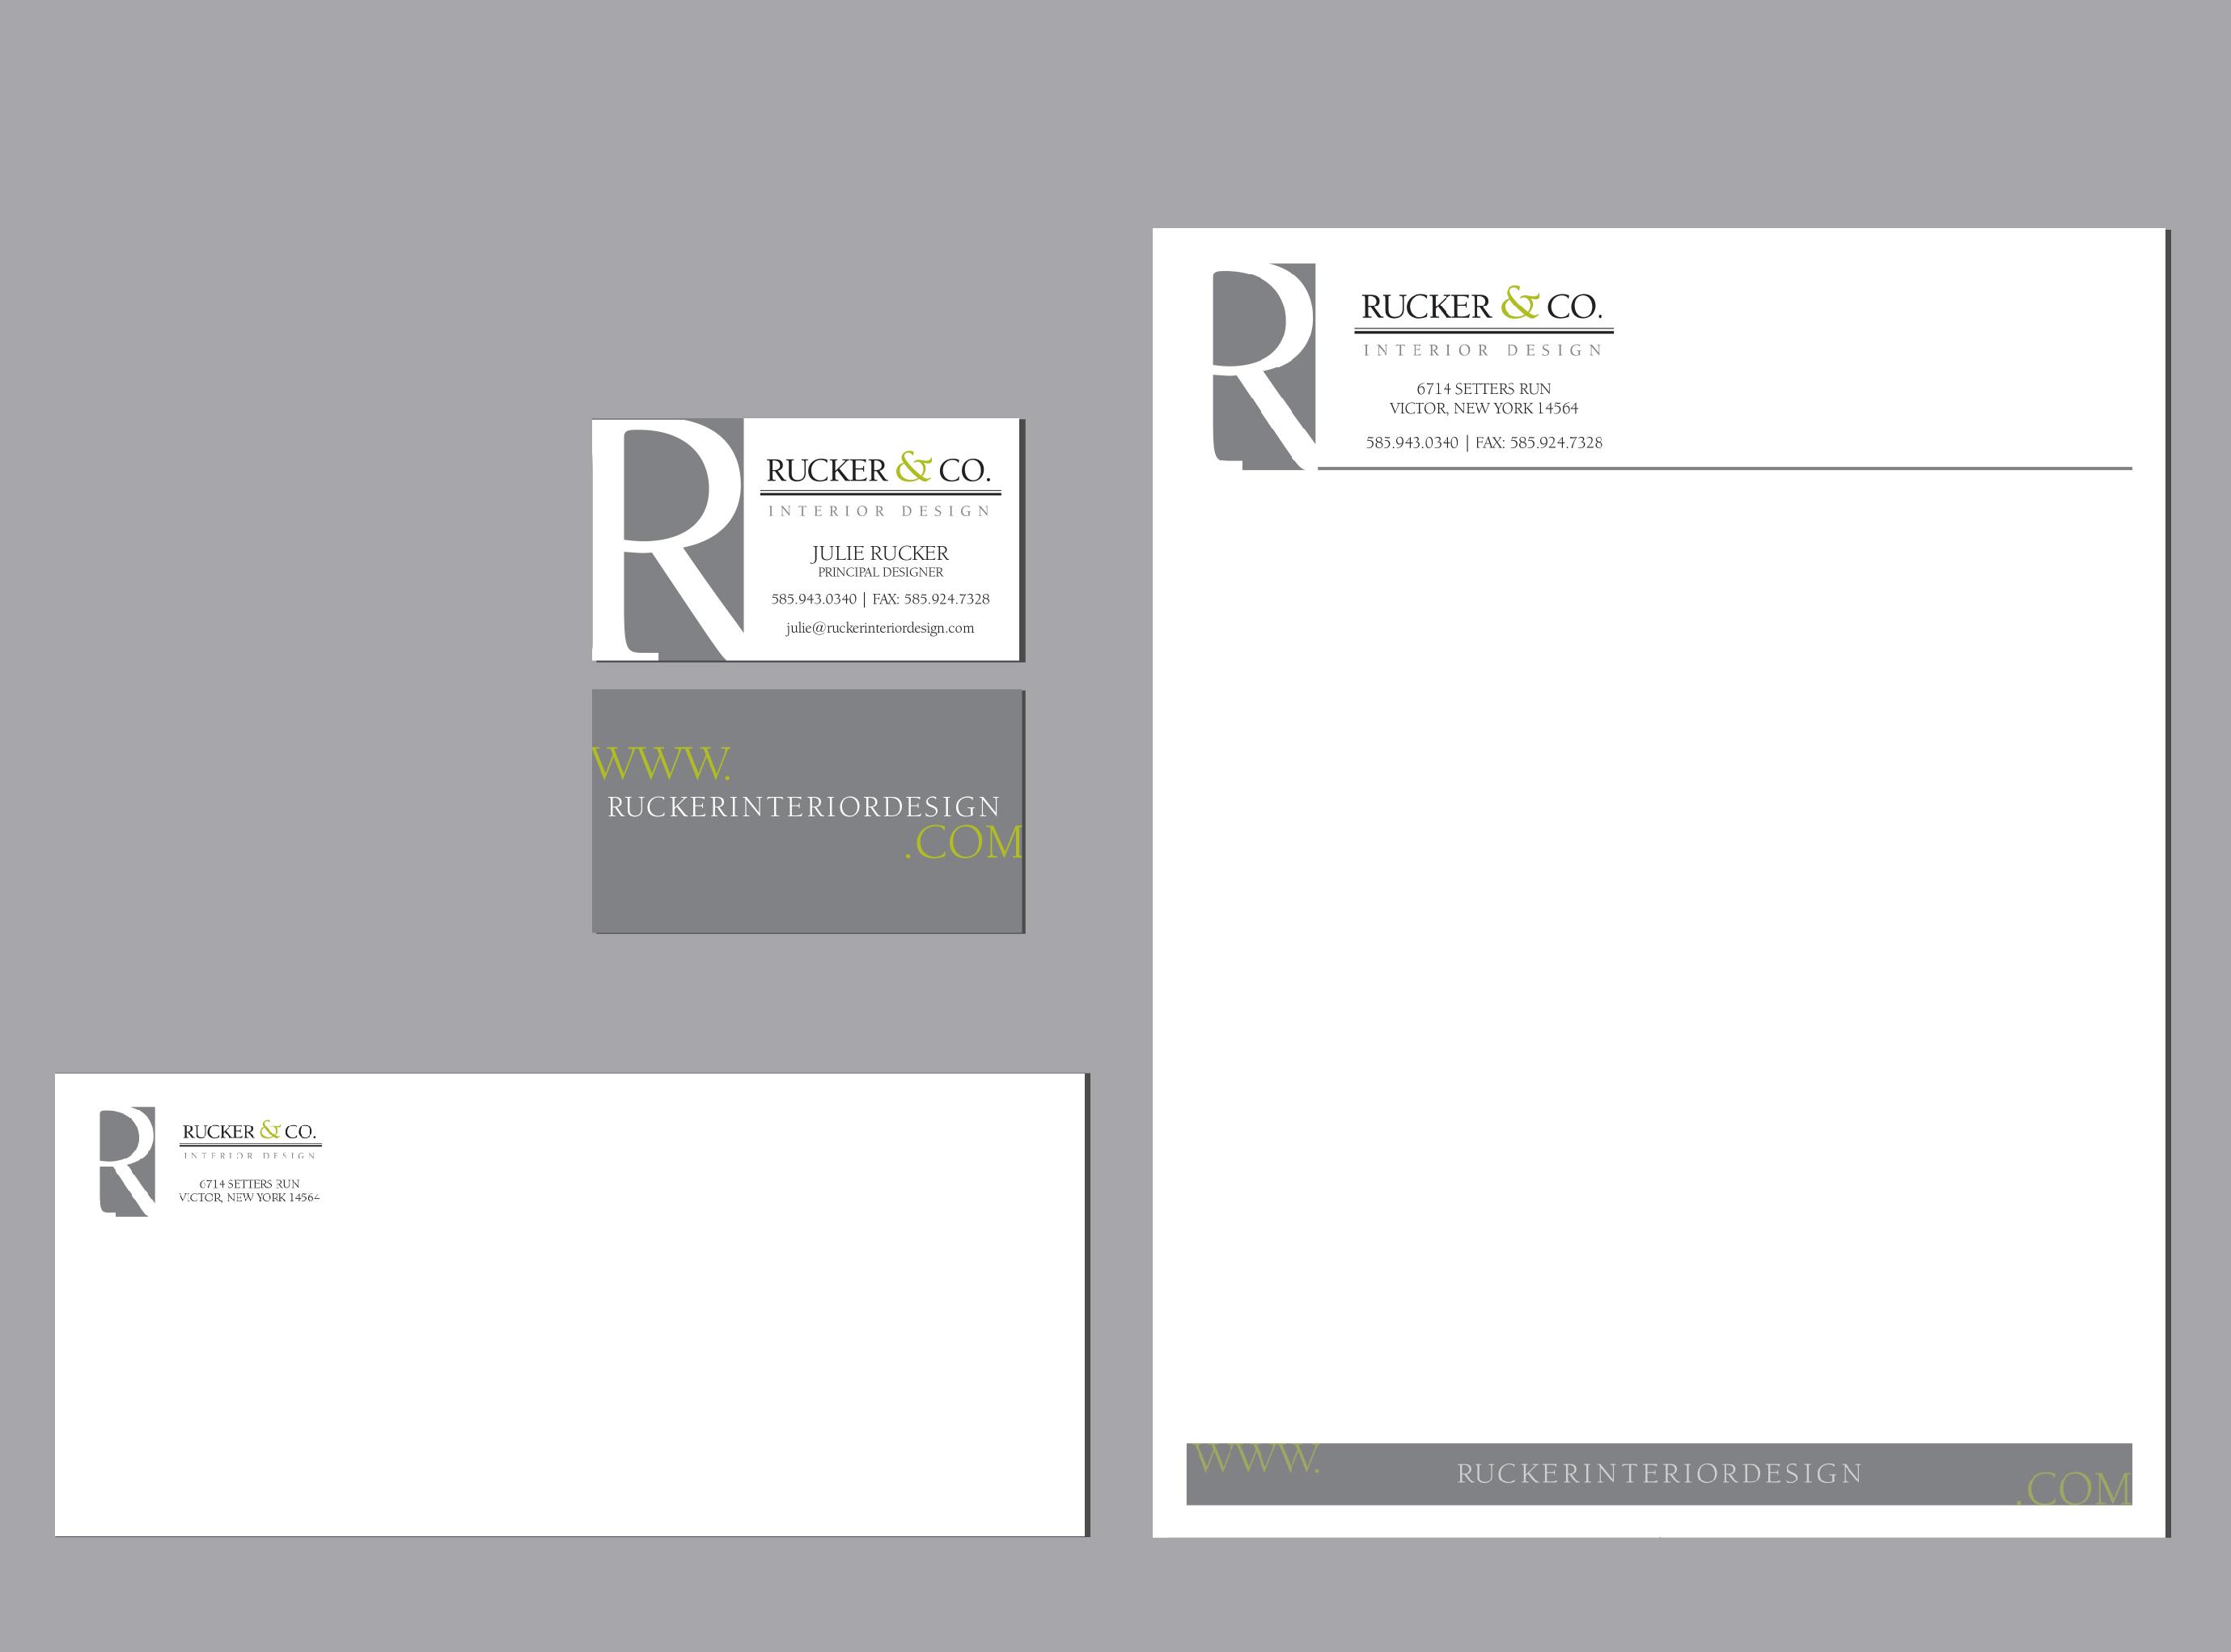 rucker_stationery